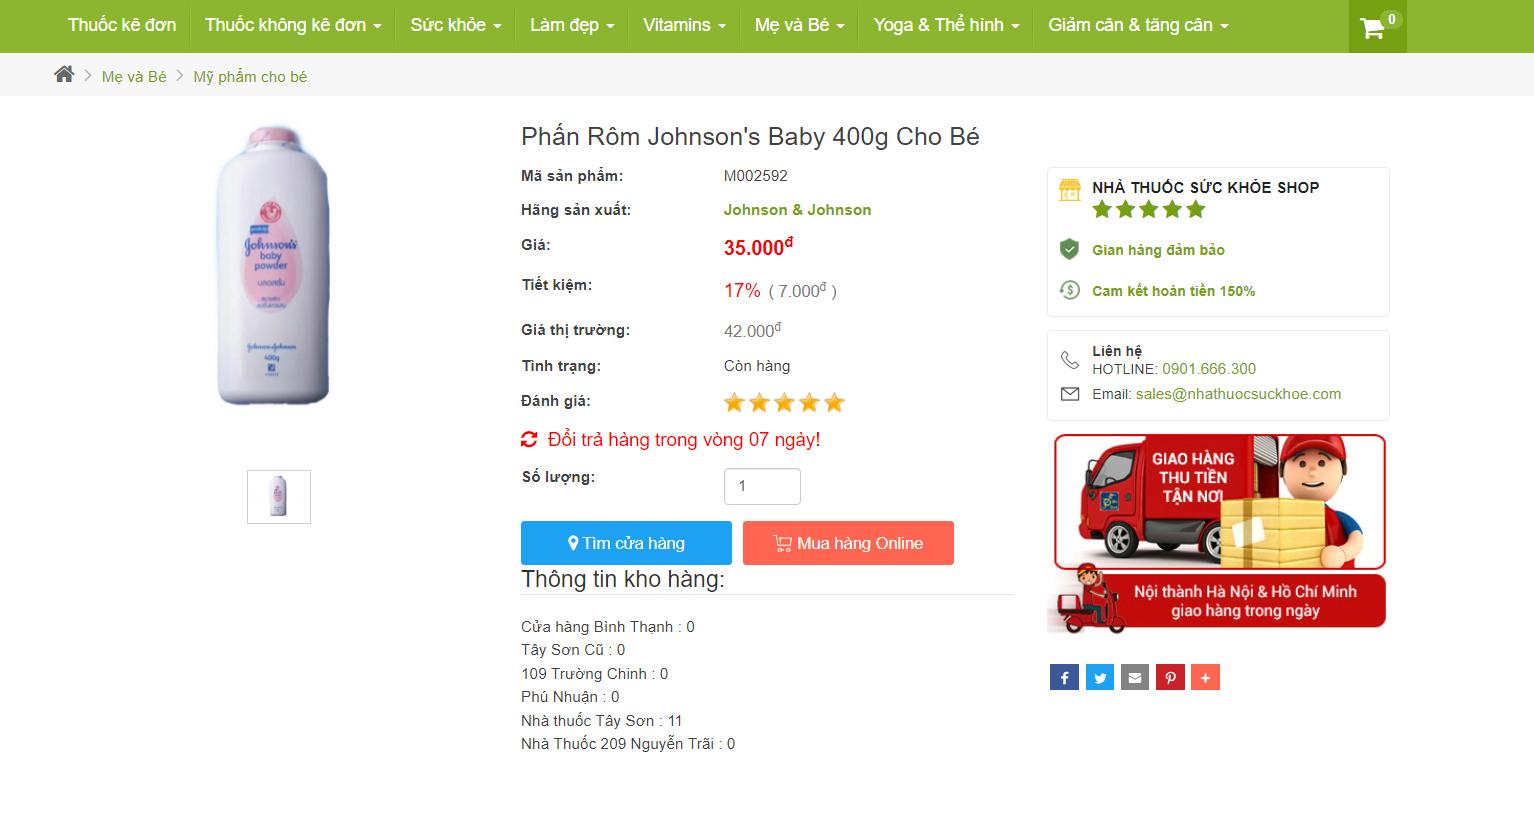 Phấn Rôm Johnson's Baby & Những Lưu Ý Trước Khi Sử Dụng Cần Thuộc Lòng